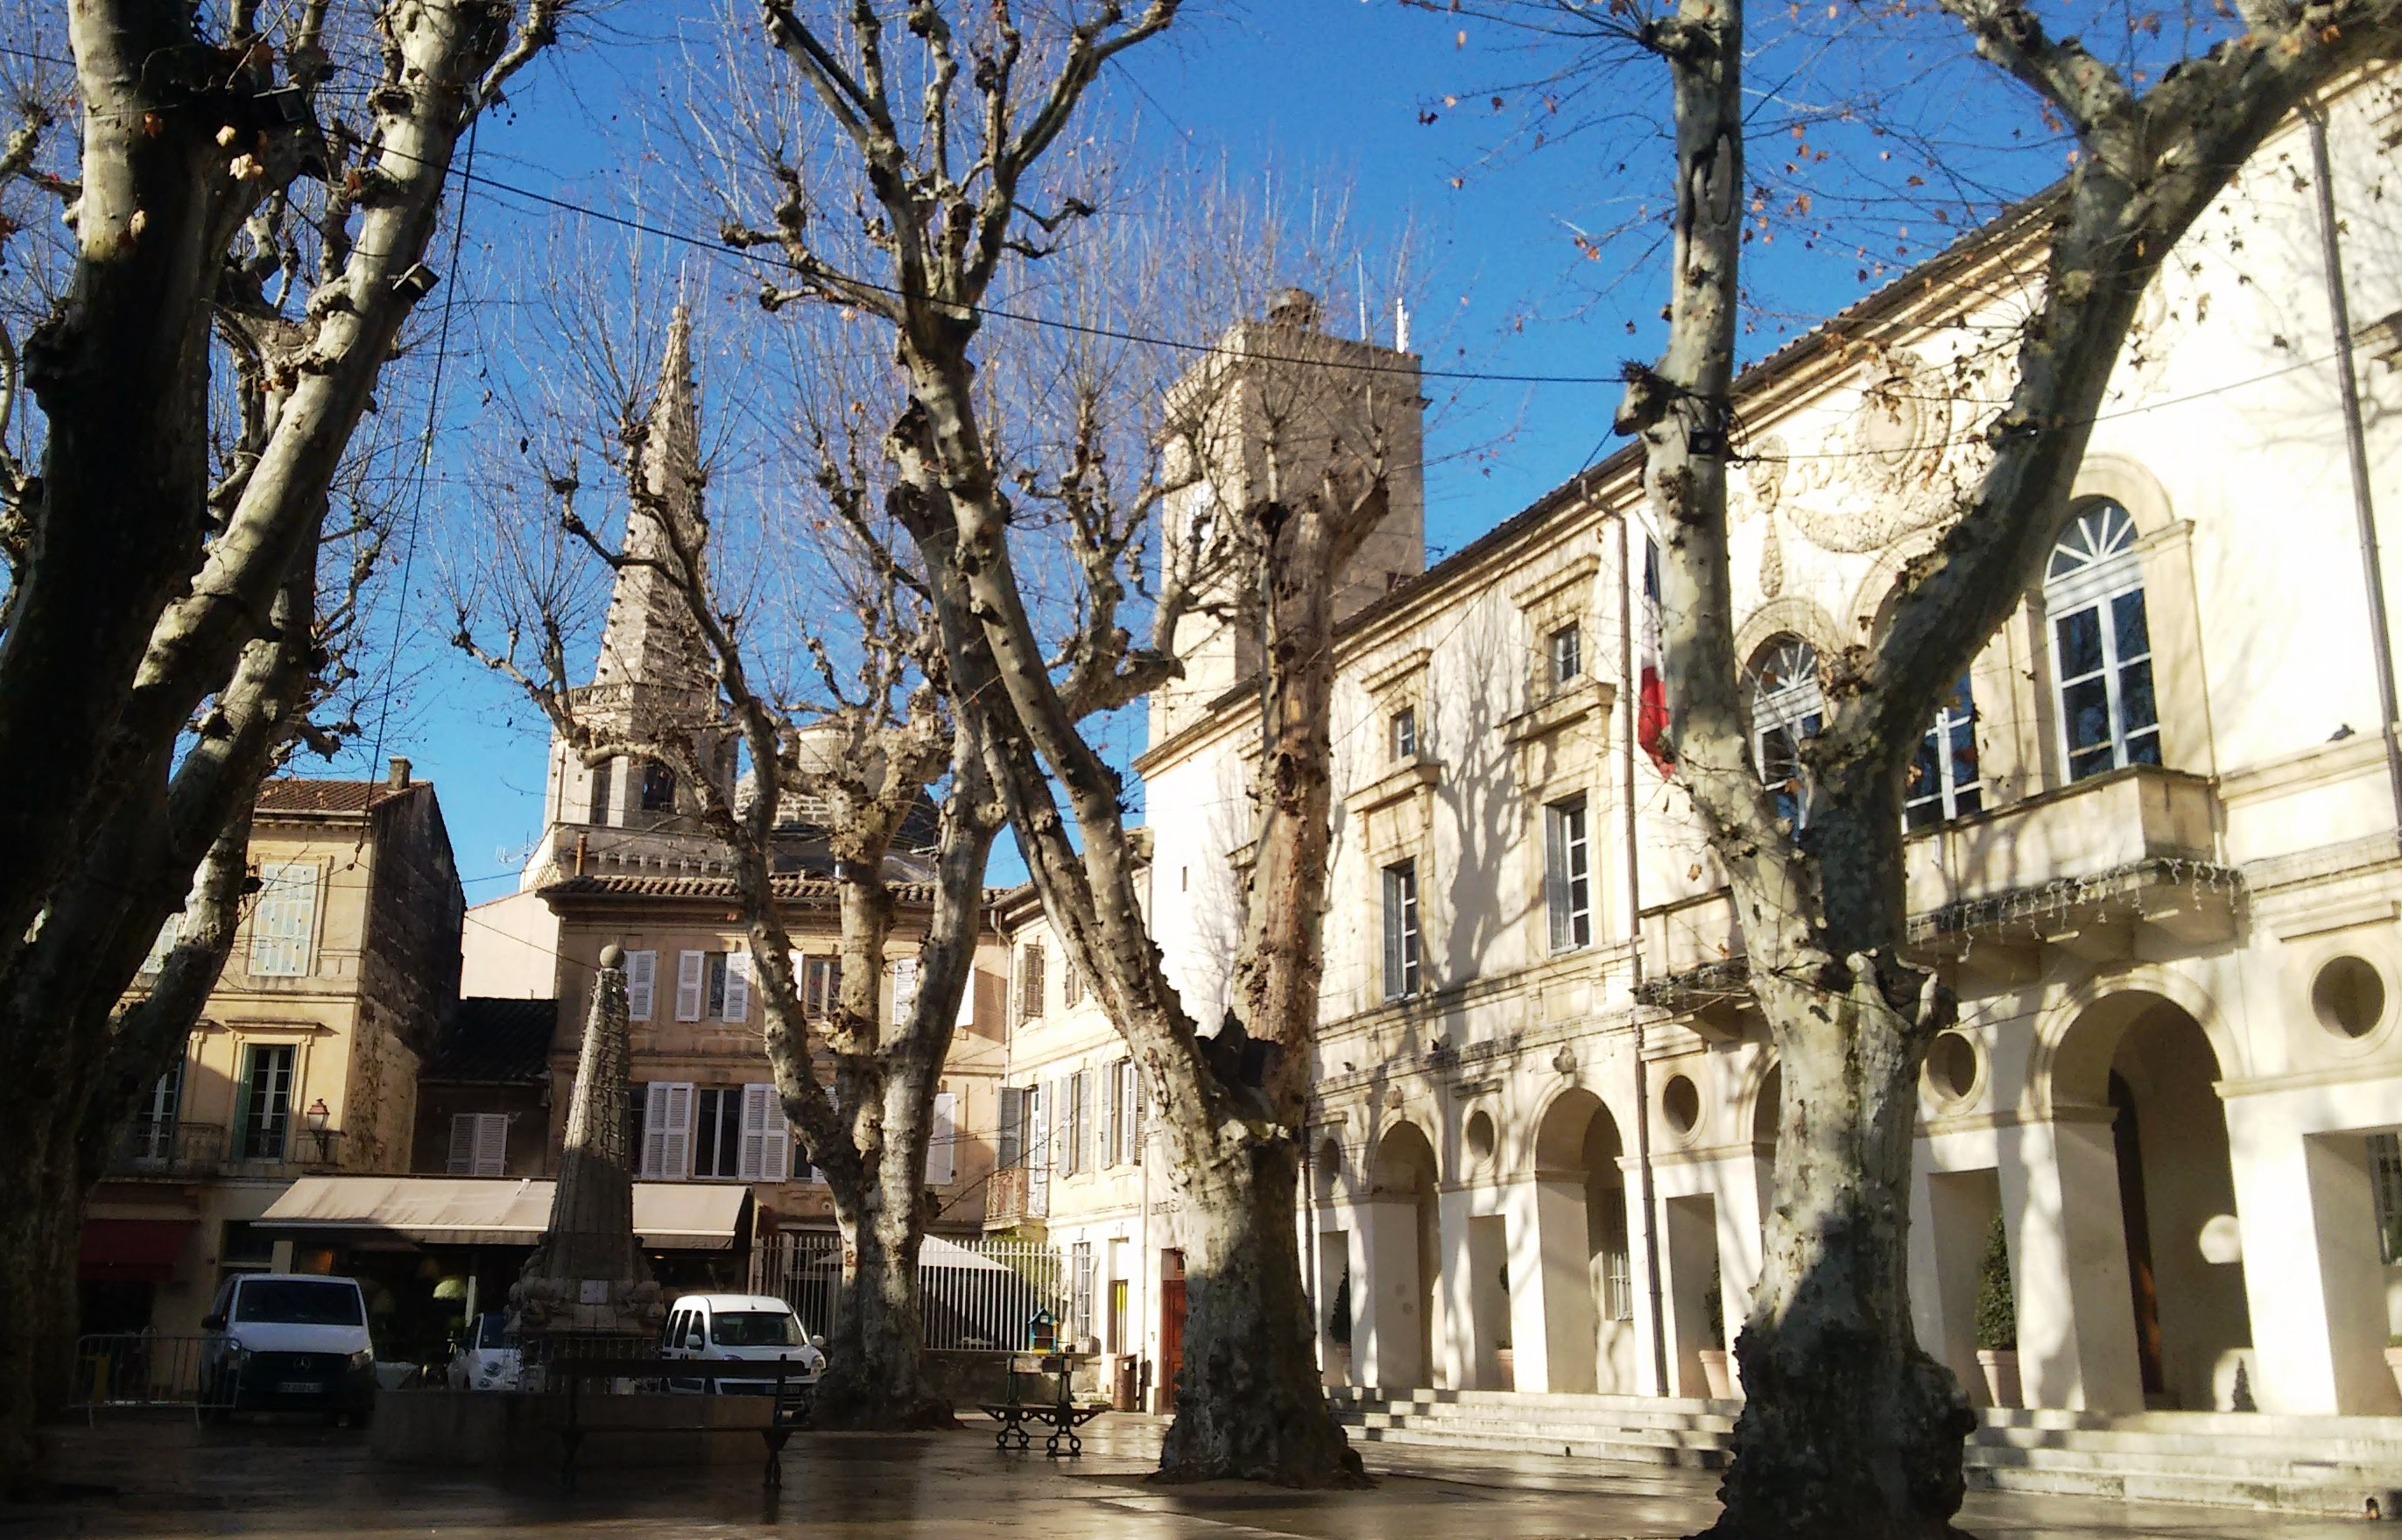 Hotel de Ville morning in Jan 2020